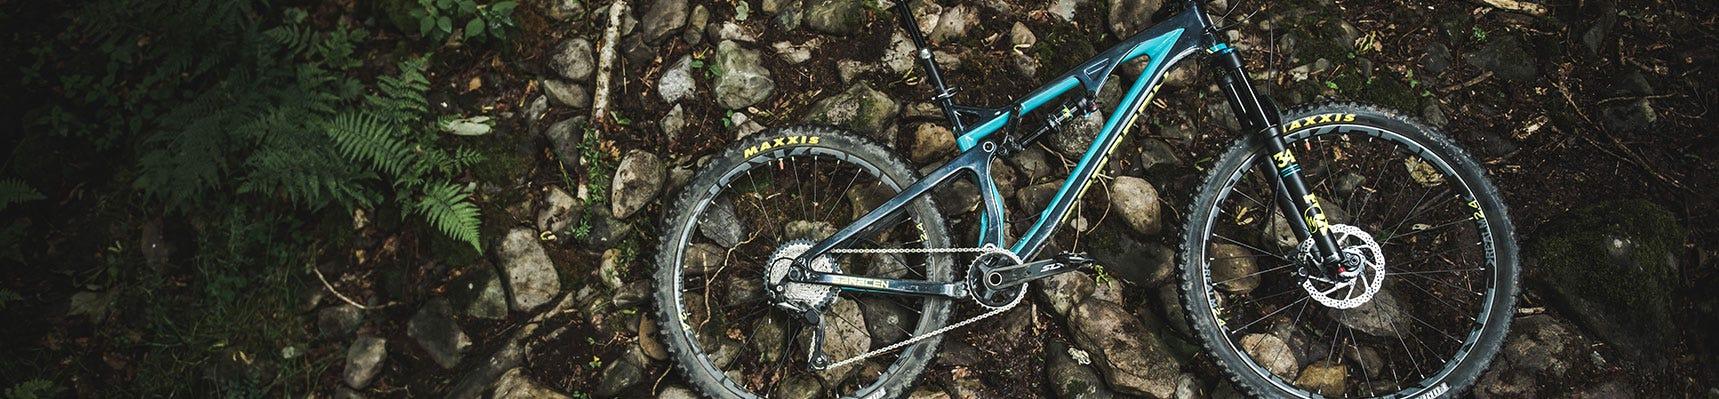 Bikes - Blue - Genesis